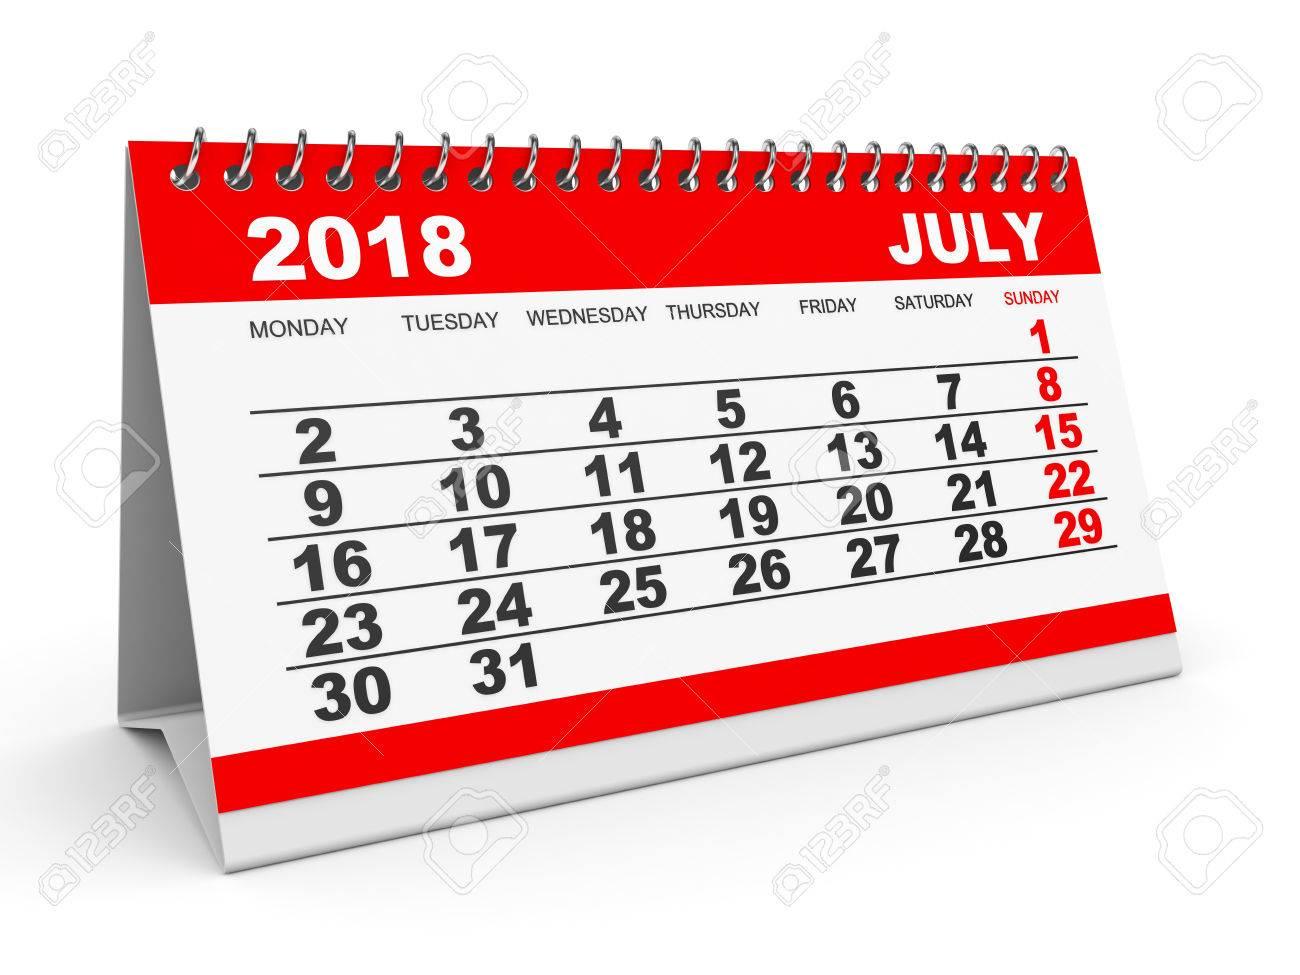 Calendar Clipart July 2018.